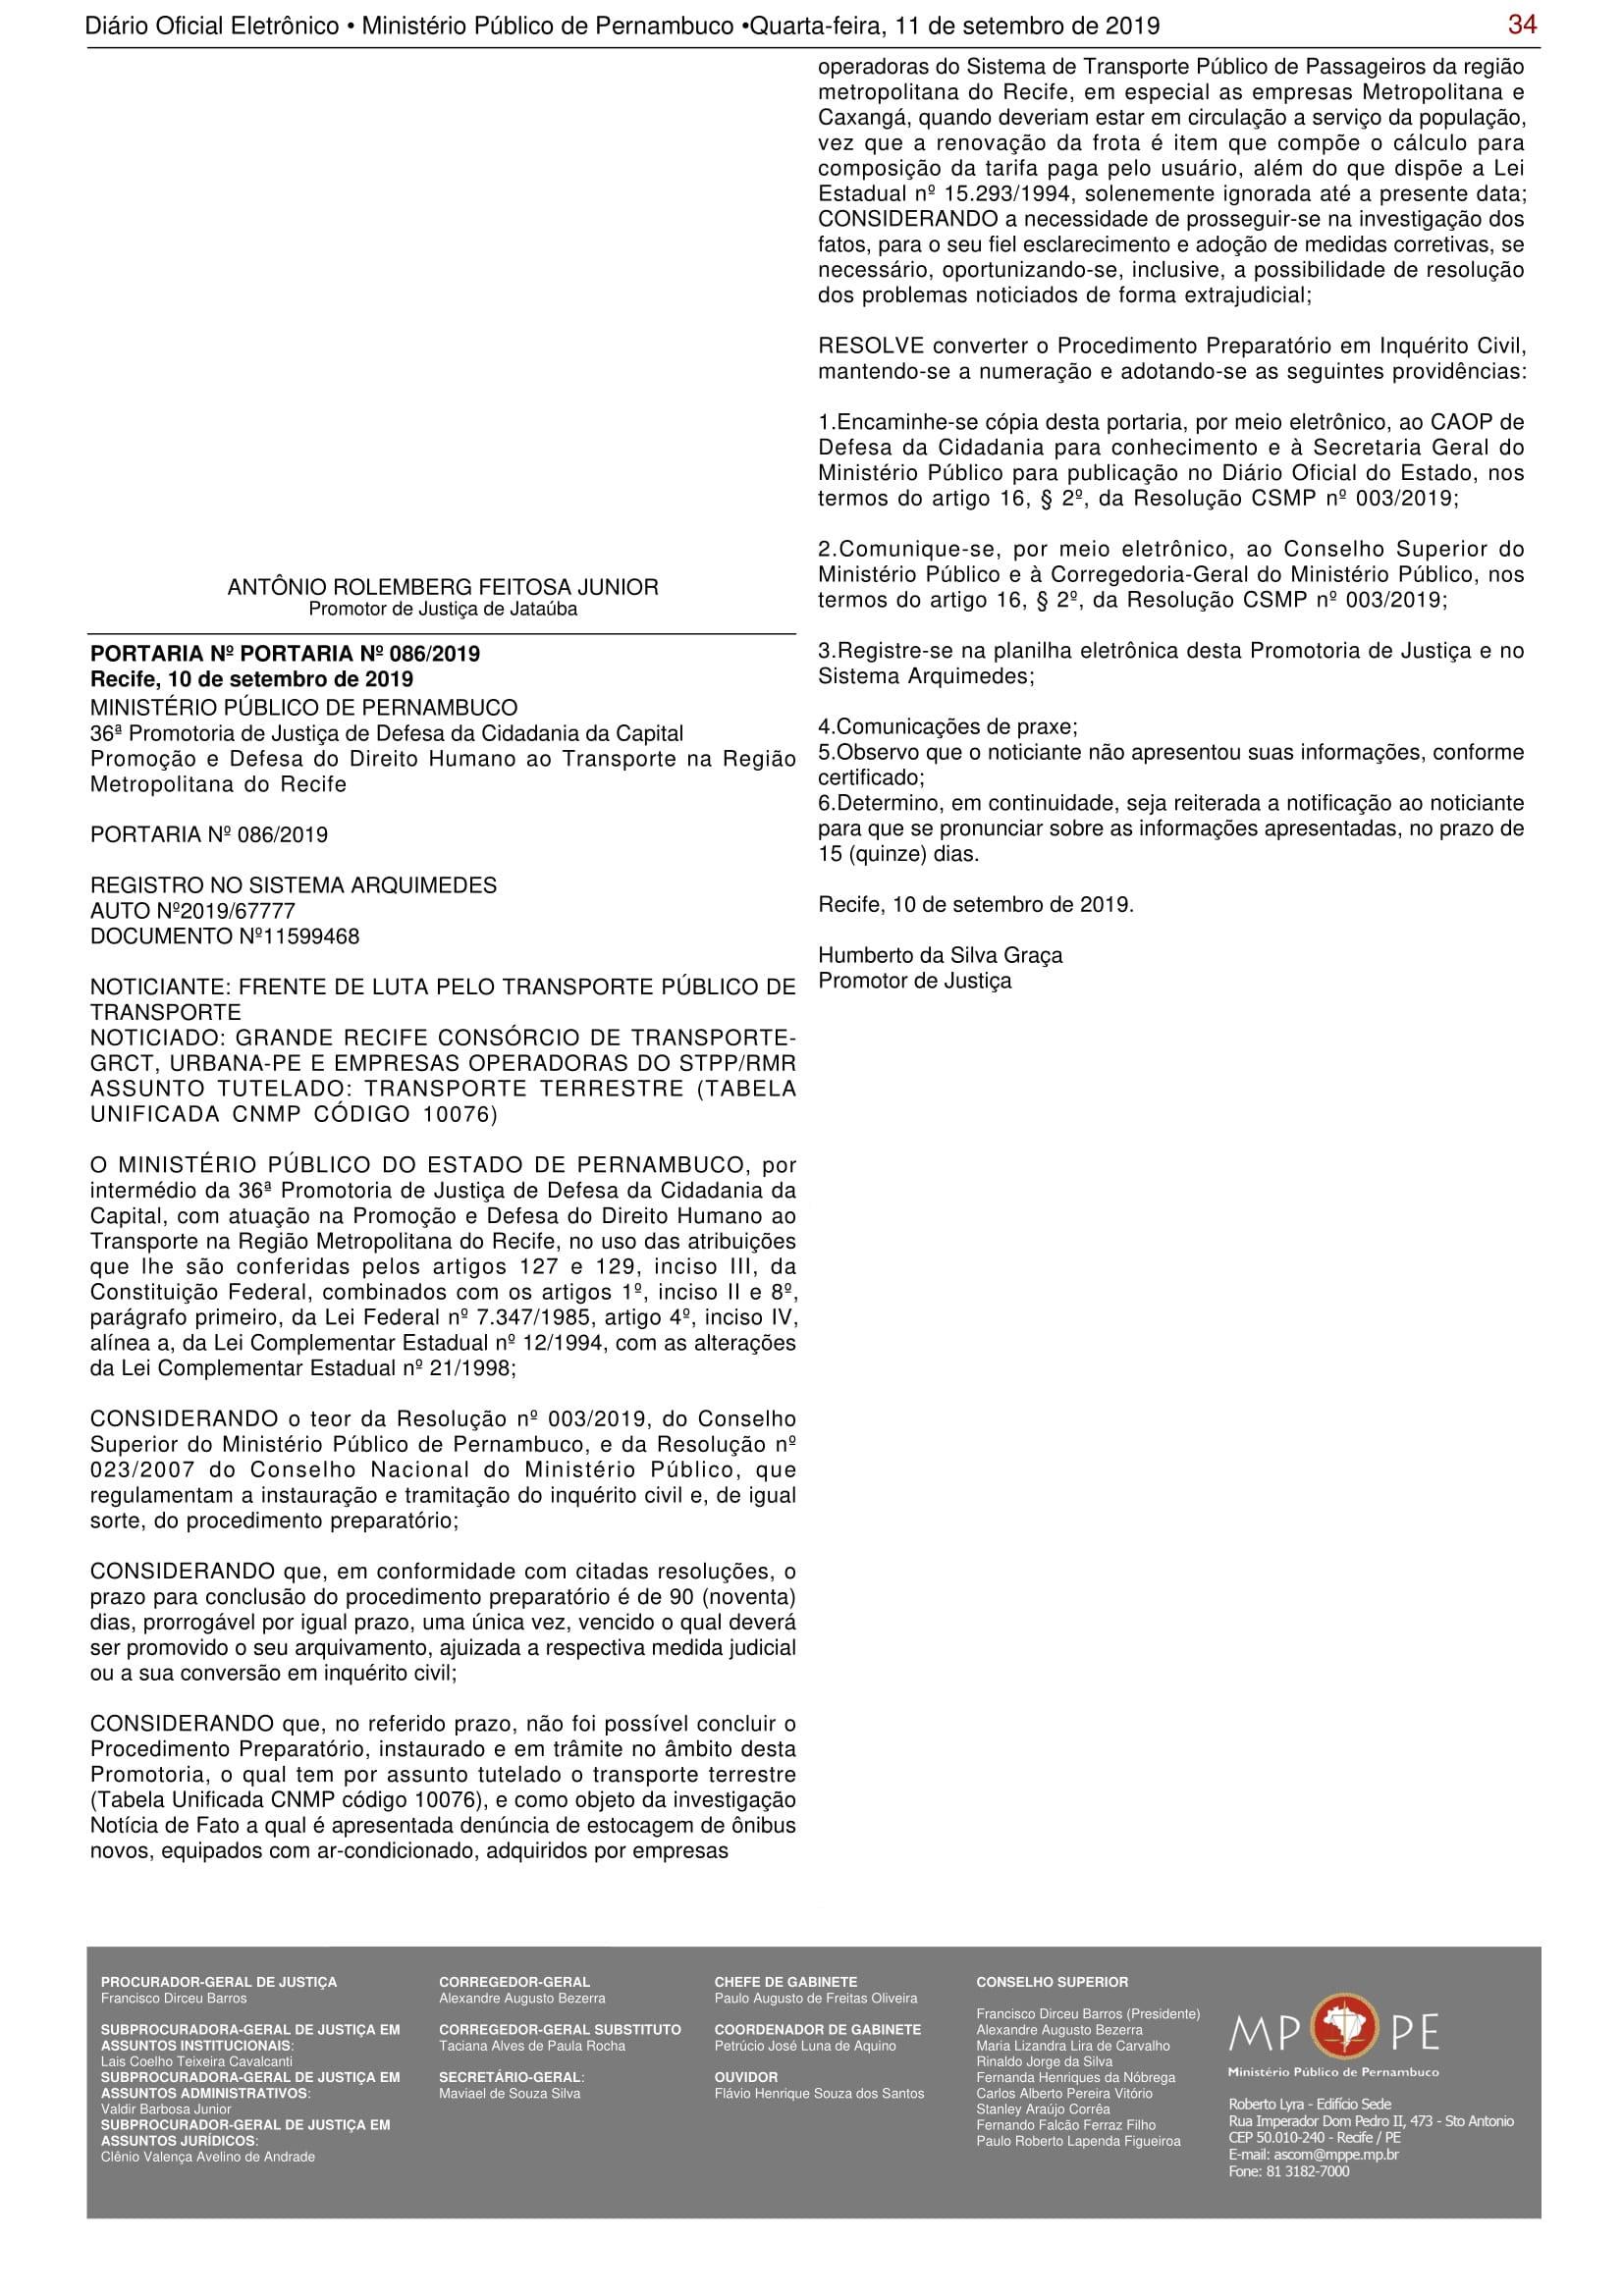 Diario oficial eletrnico MPPE - 11.09.2019-34.jpg